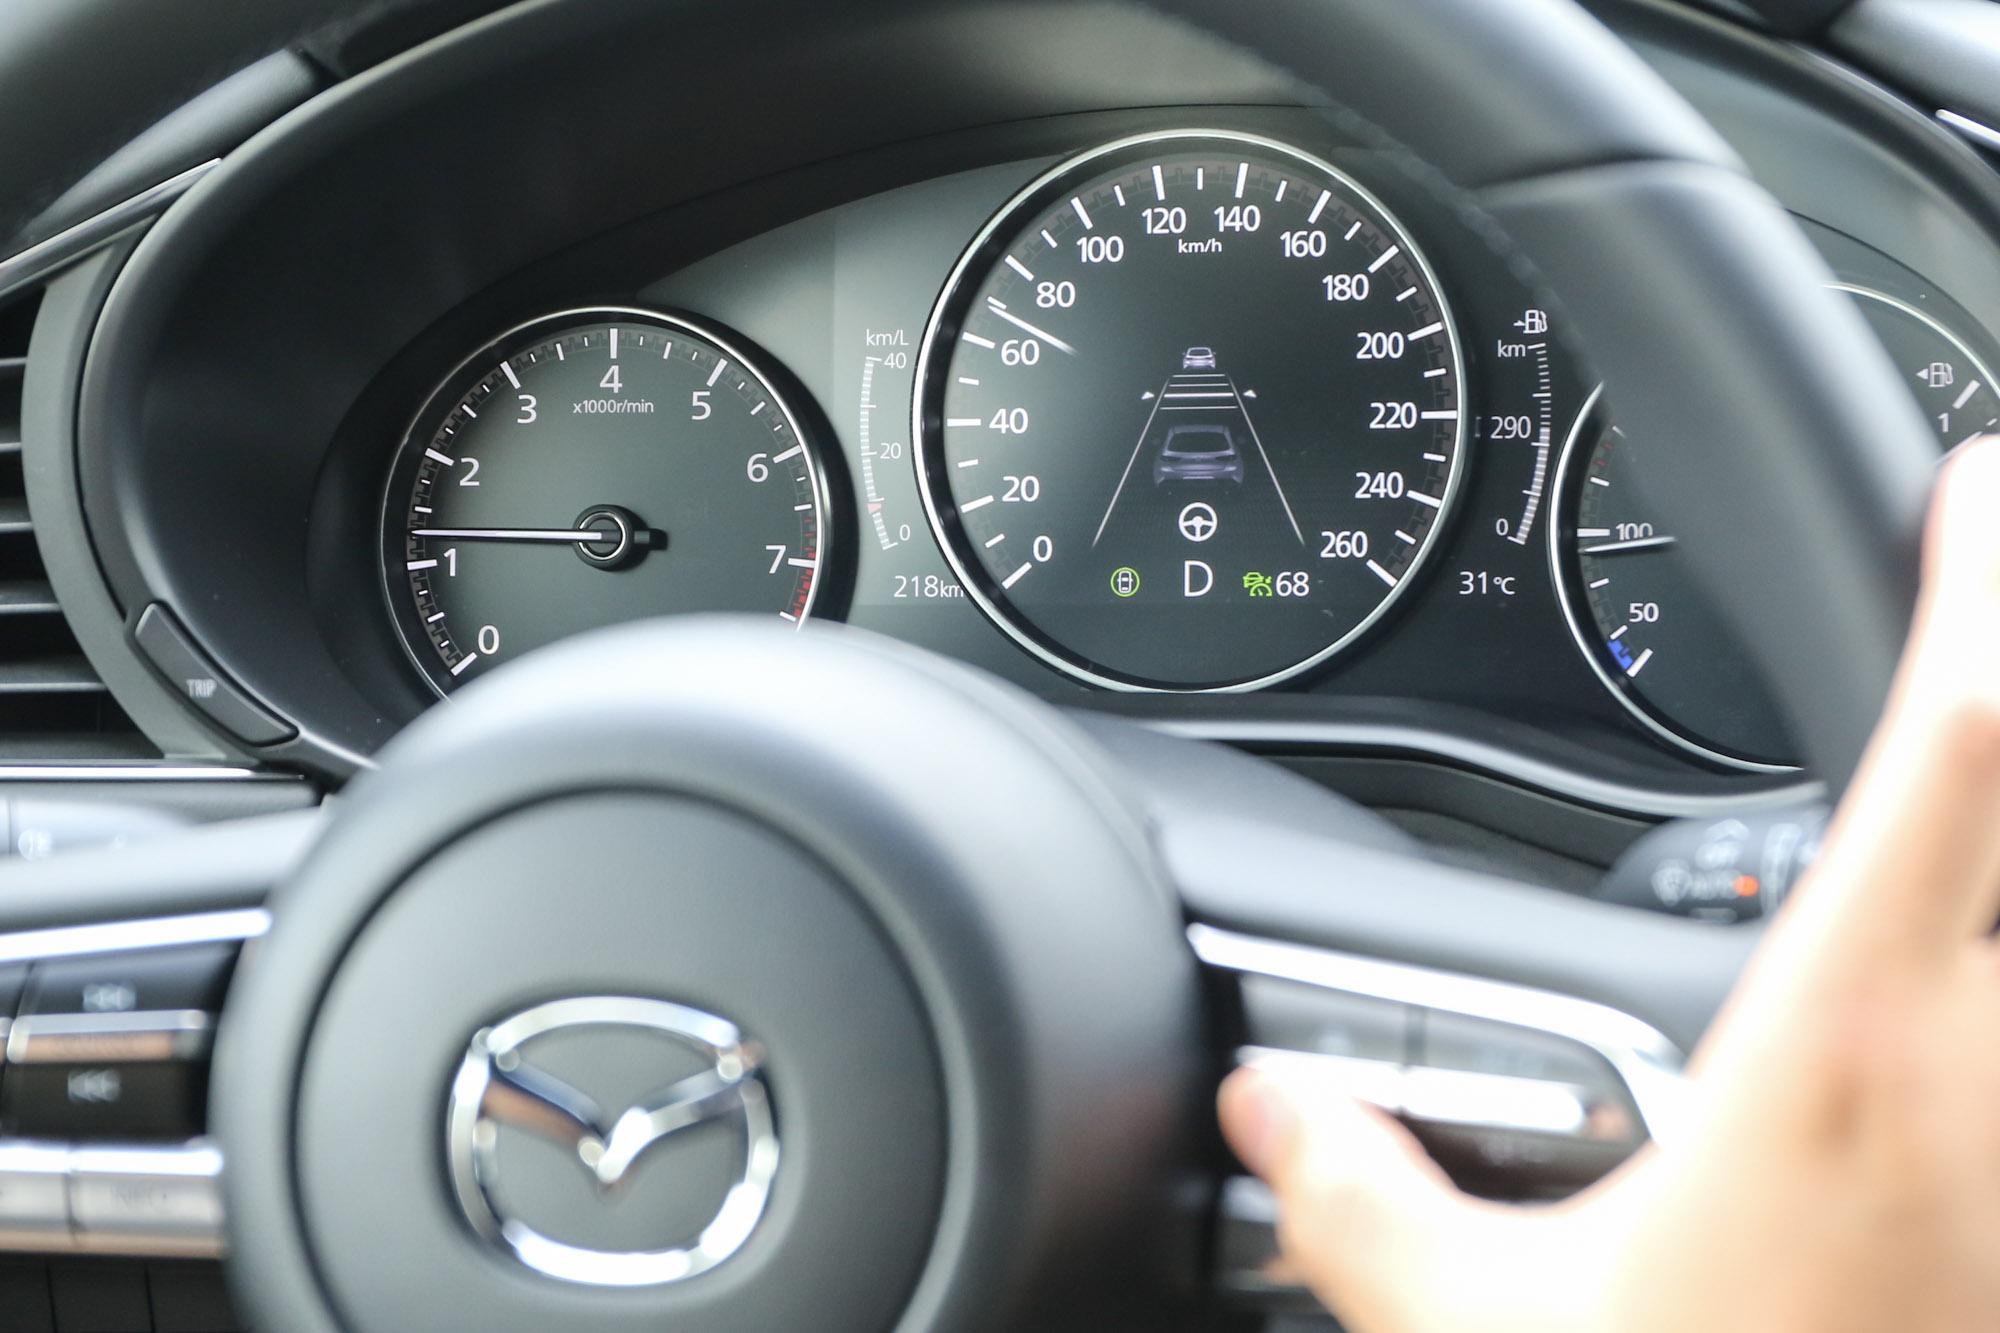 全速域的作動範圍,對於長距離行駛時確實能大幅降低駕駛的精神負擔。